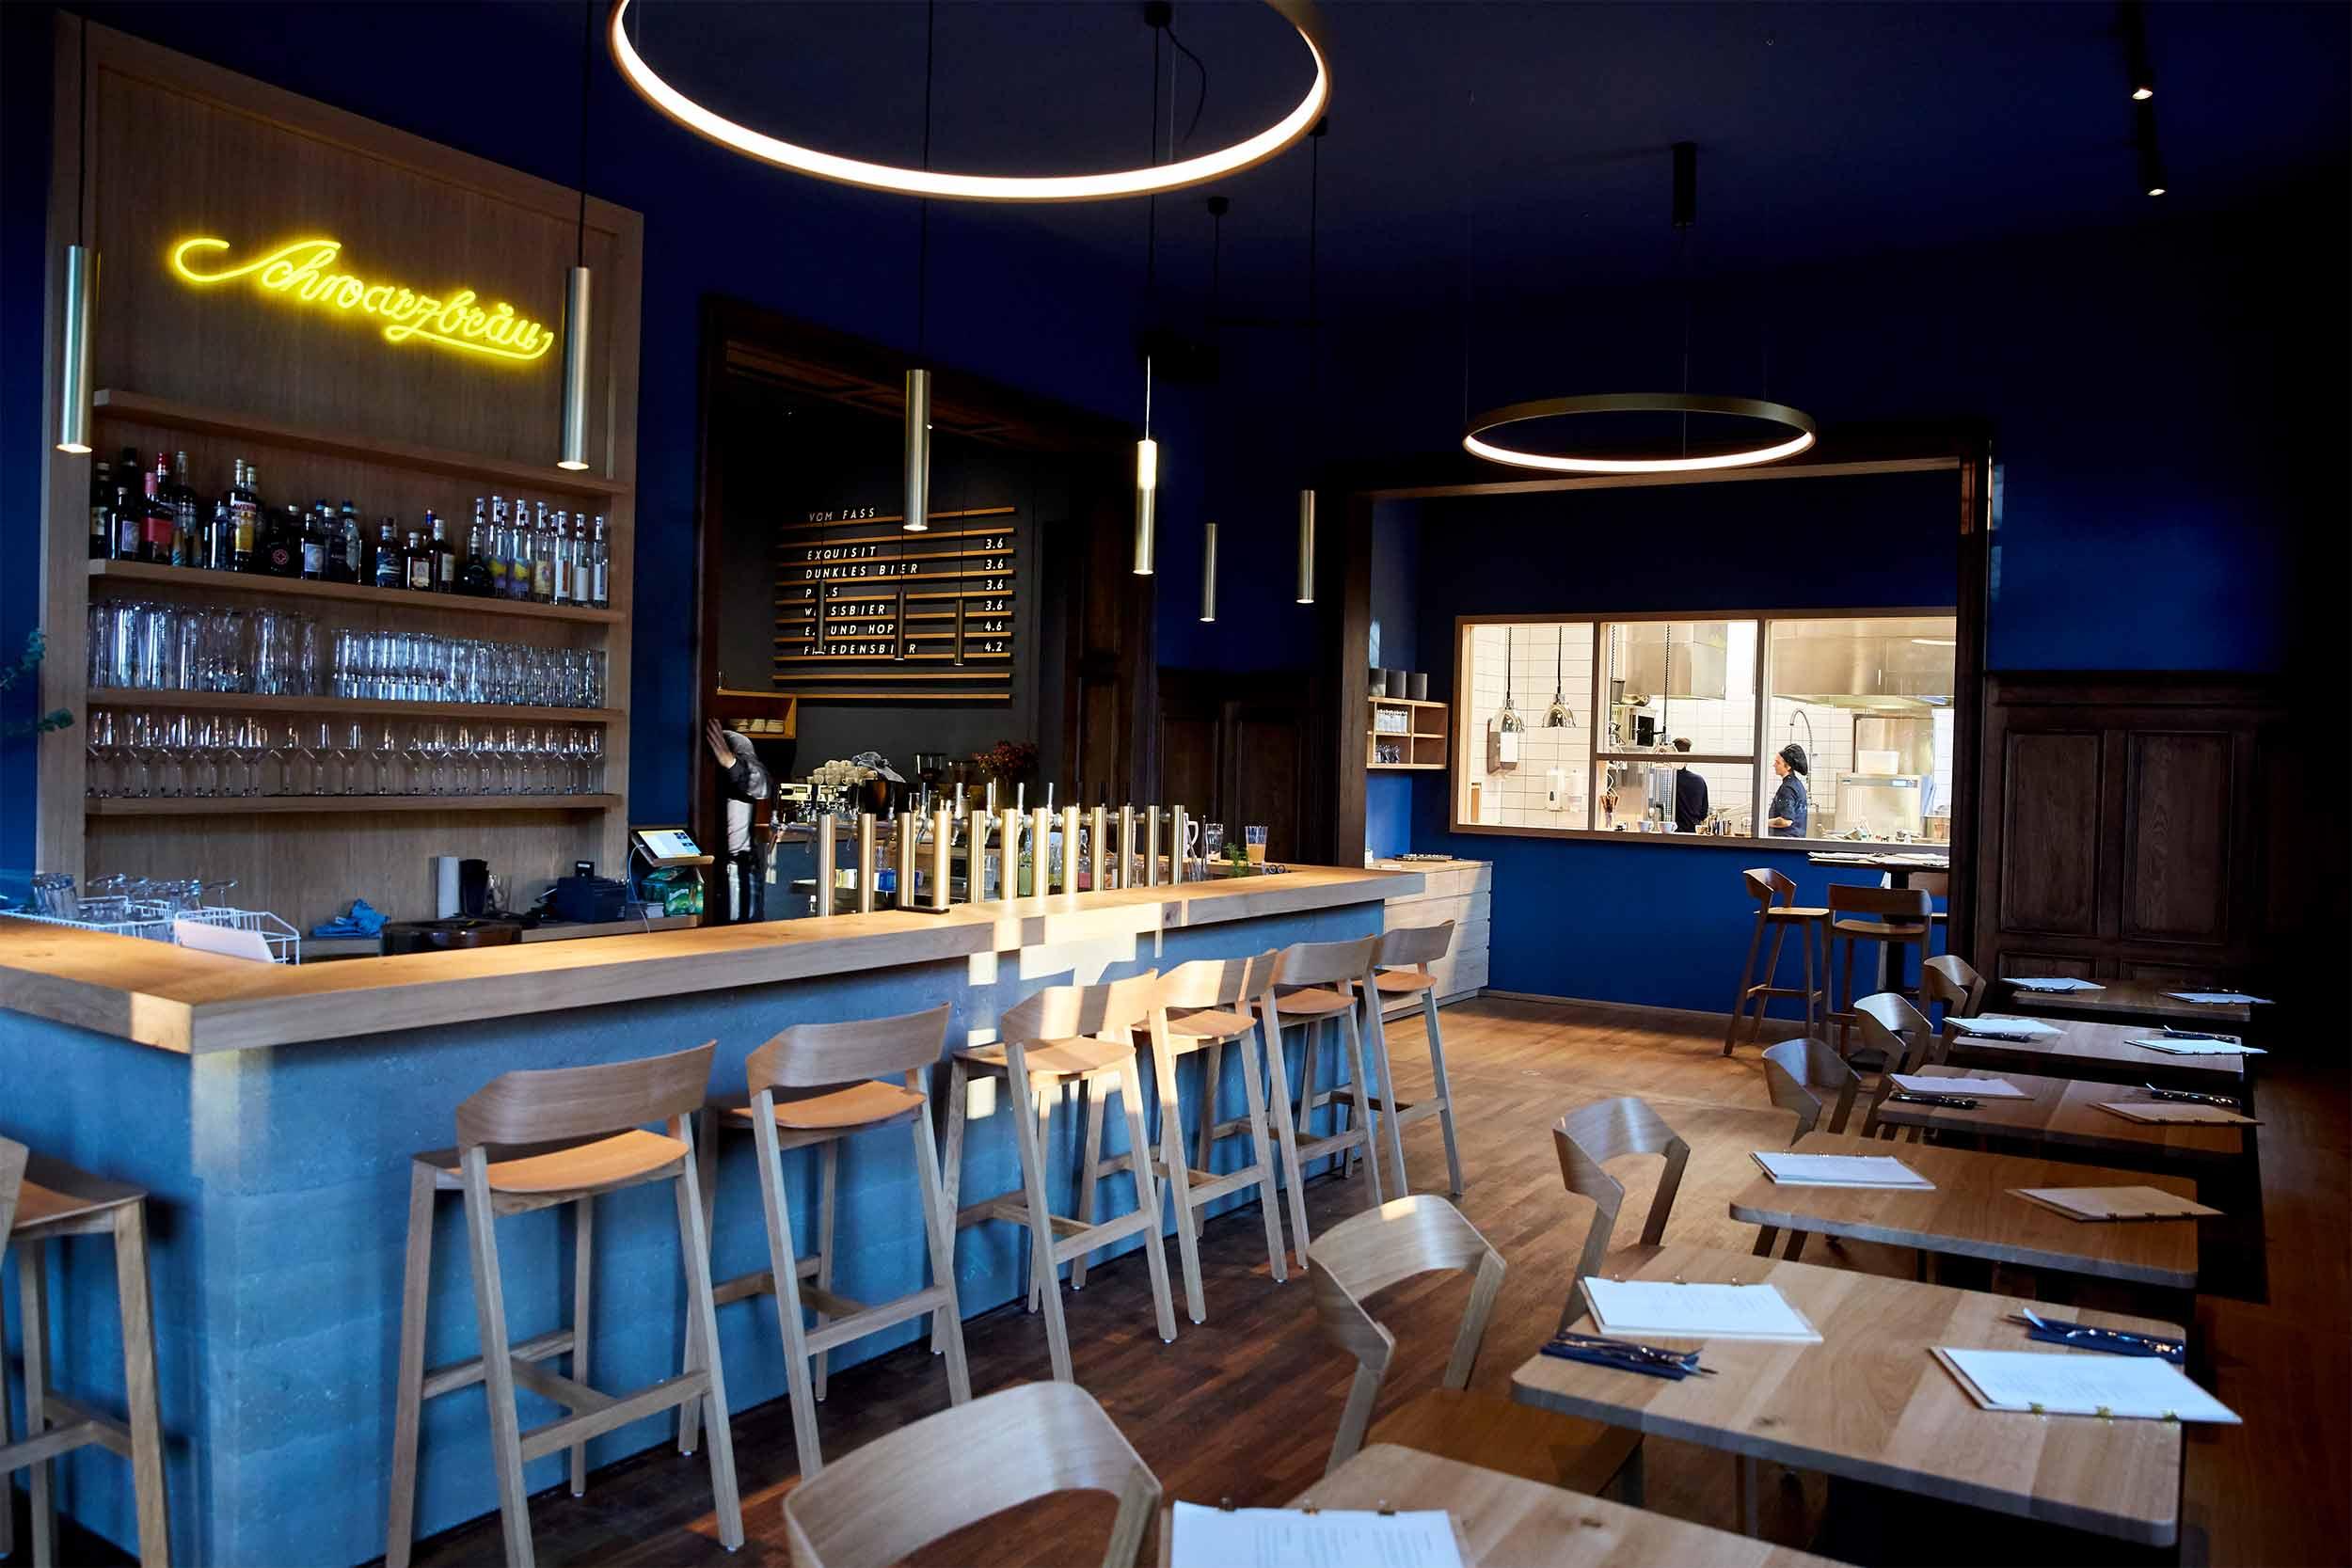 Blaue Kappe Essen und Trinken Augsburg Corporate Design und Website – Bar